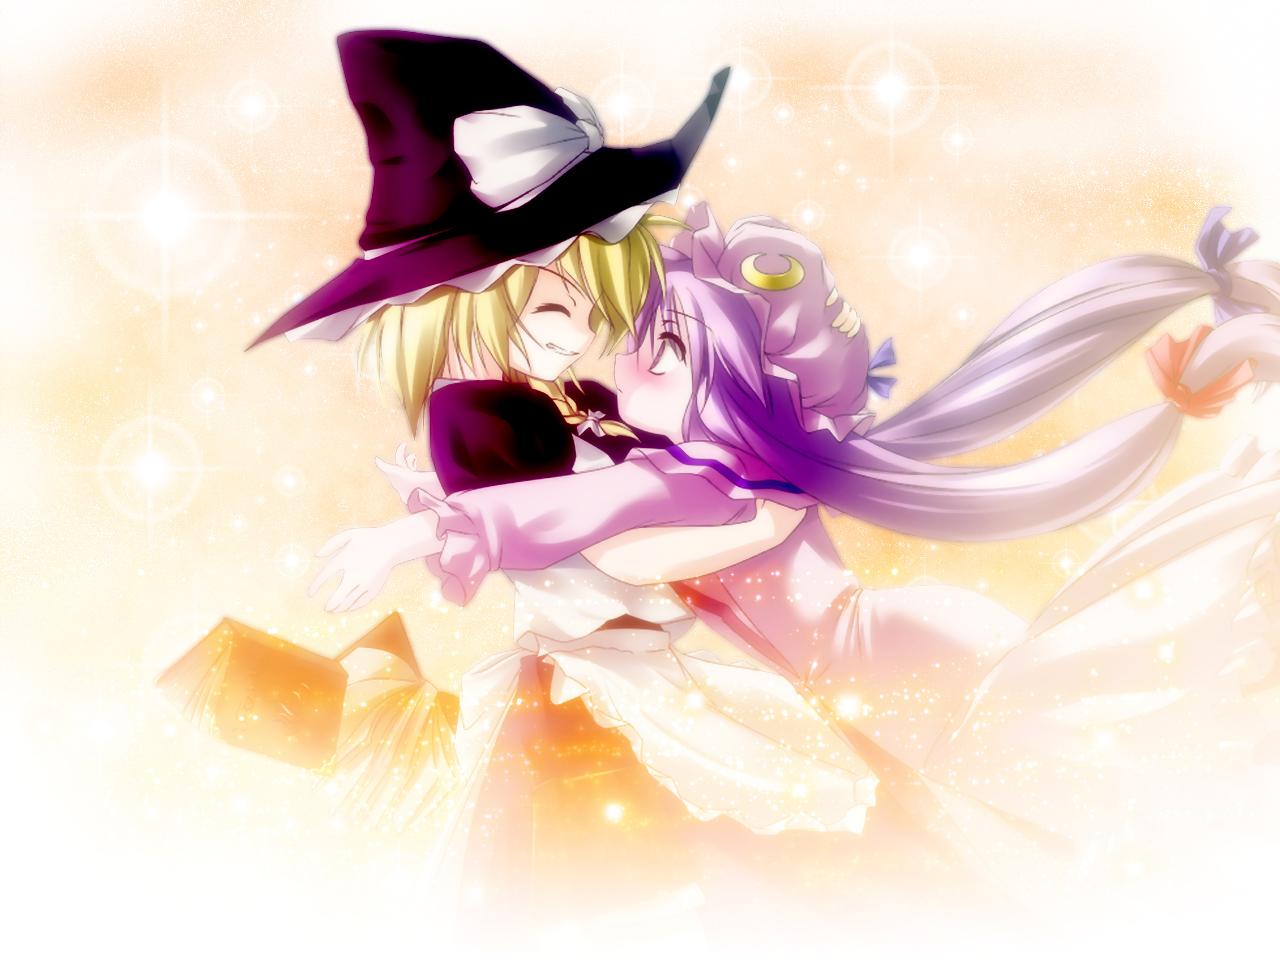 2girls blonde_hair book hat hug kirisame_marisa long_hair patchouli_knowledge purple_eyes purple_hair ribbons short_hair shoujo_ai touhou witch